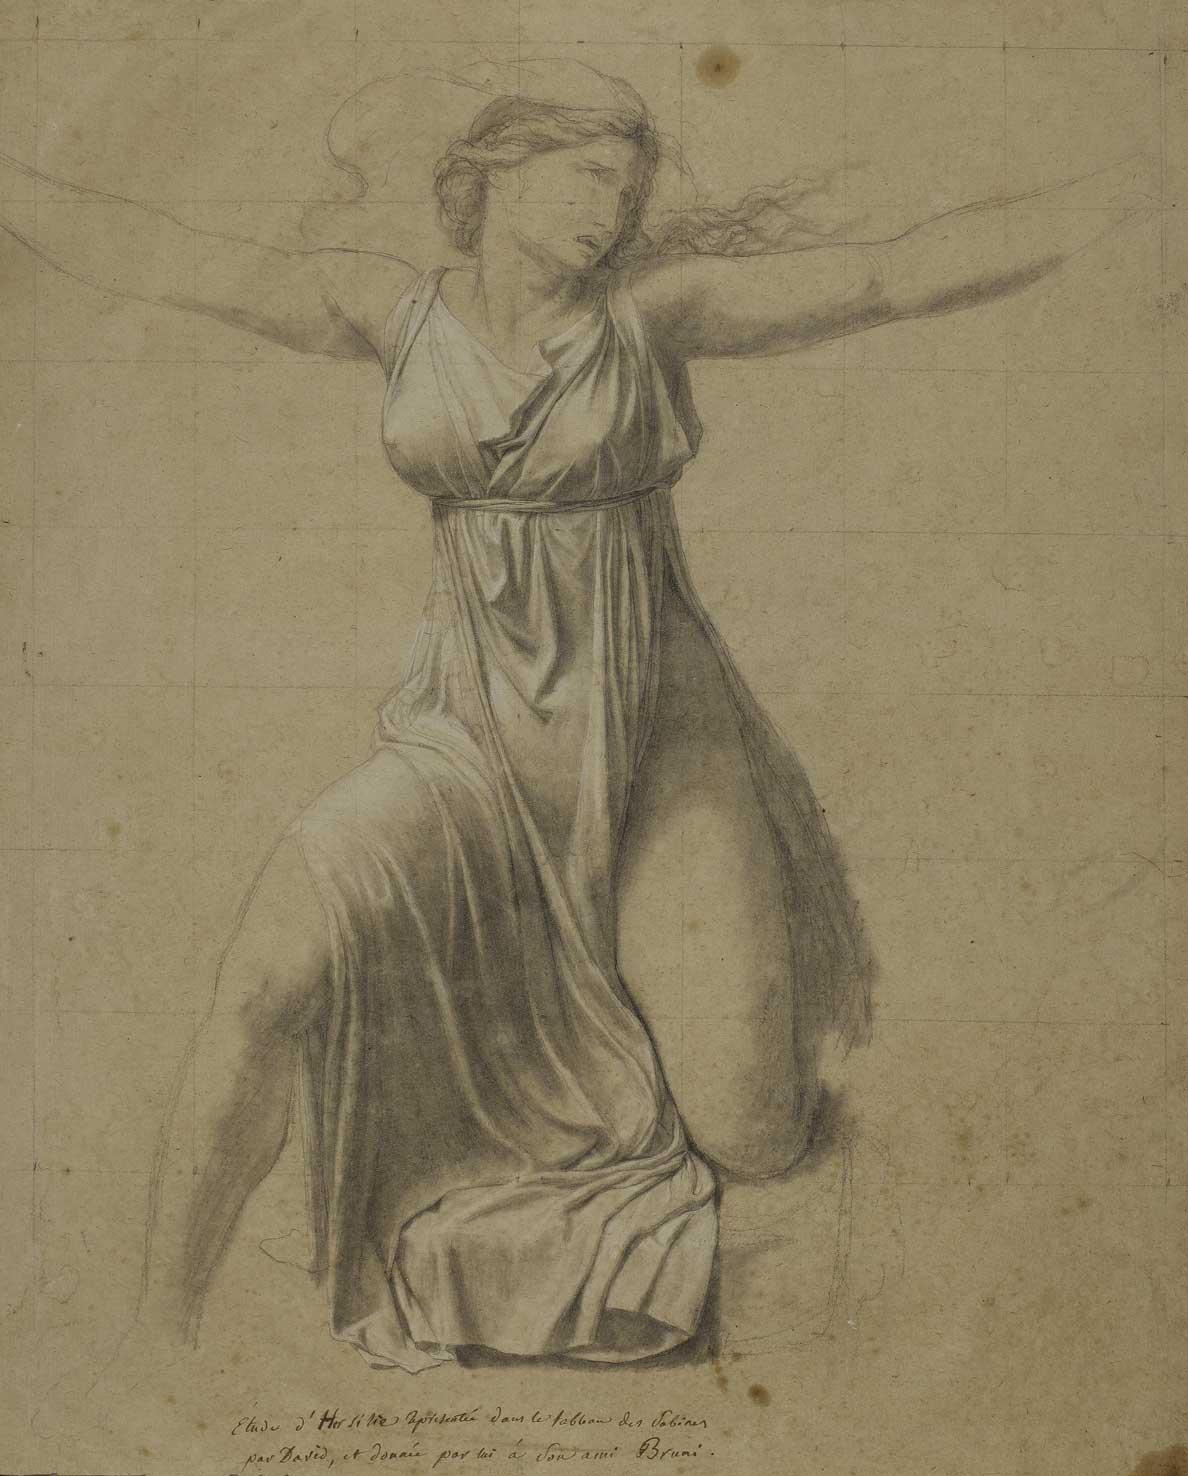 Jacques-Louis David, Étude pour la figure d'Hersilie, 1796.